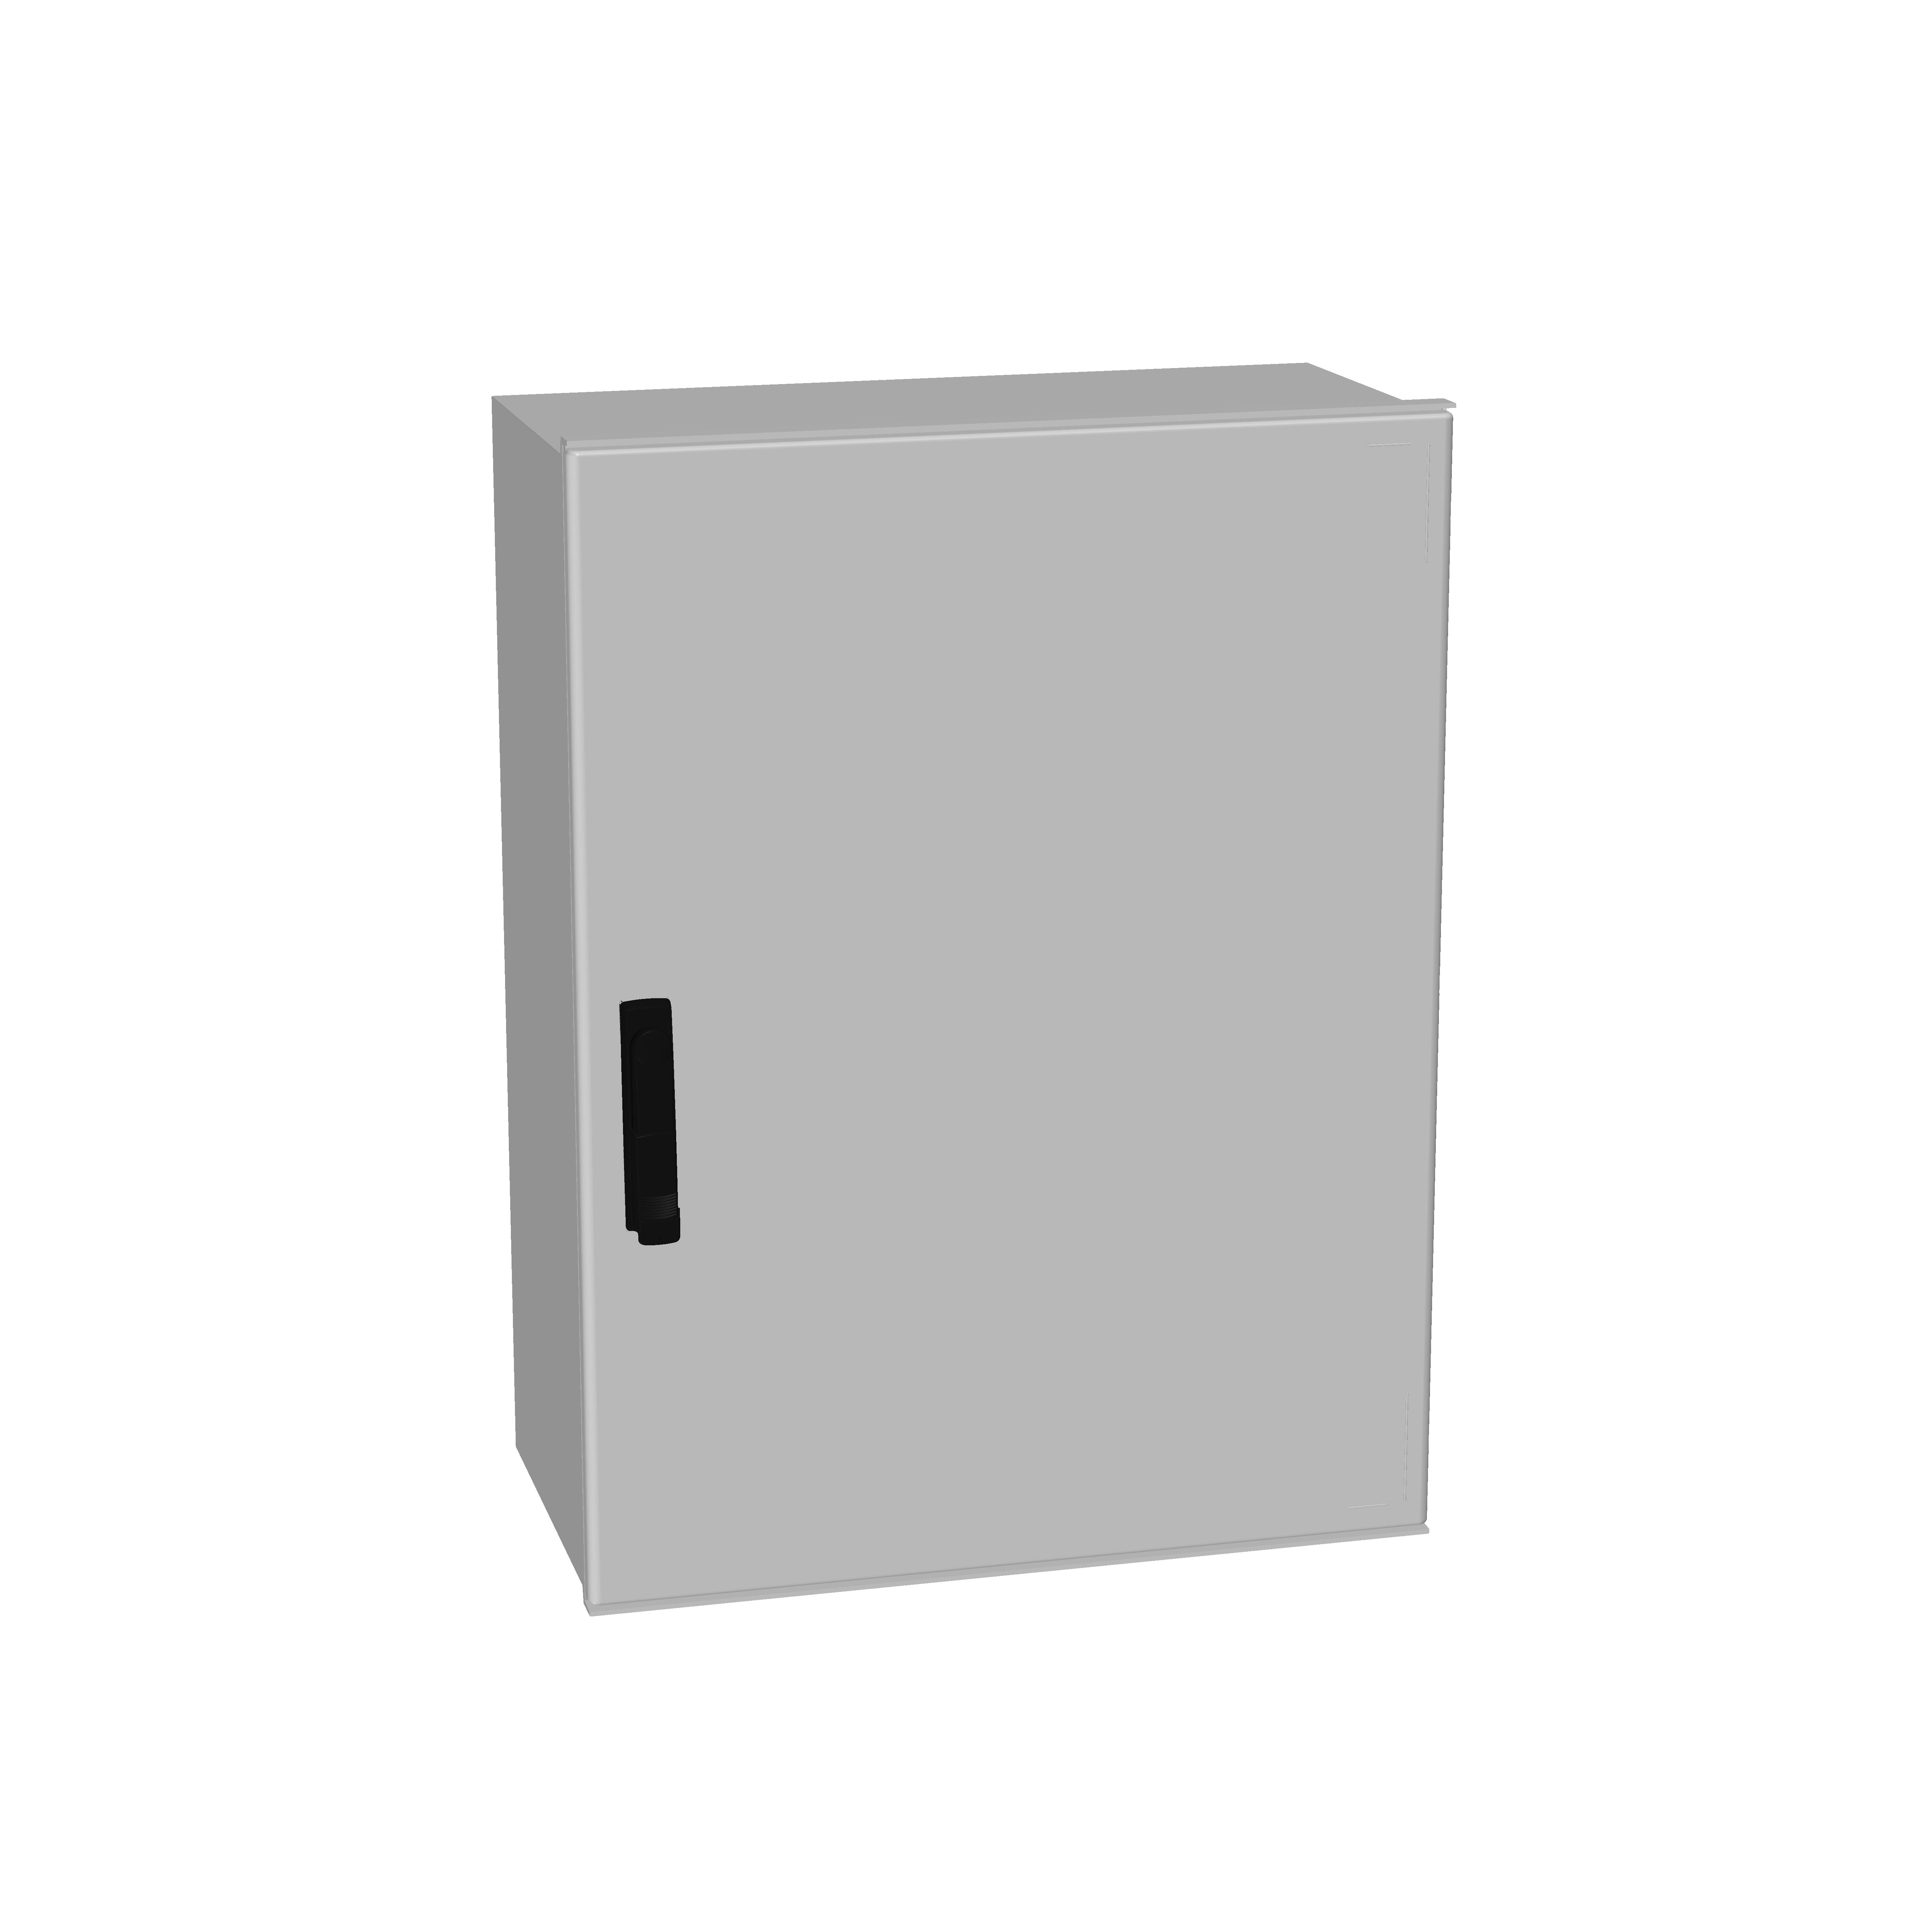 1 Stk Minipol-Wandschrank 3-Punkt Stangenverschl. 800x600x300mm IM088886--